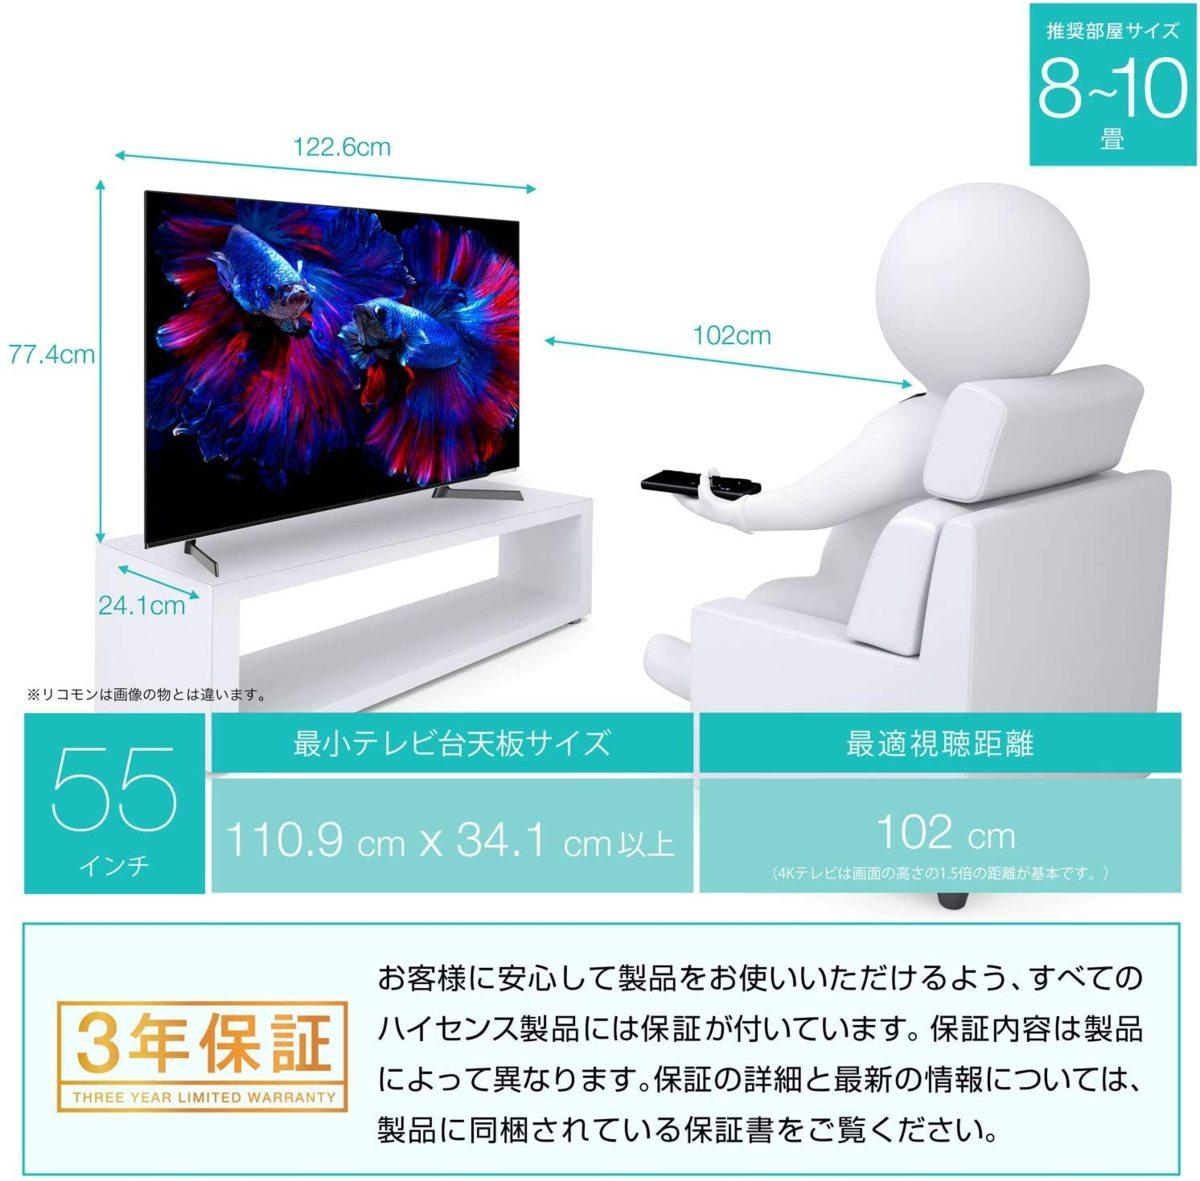 ハイセンス 55V型 4Kチューナー内蔵 有機ELテレビ 55X8F 無線LAN/Eilex PRISM/DOLBY AUDIO/YouTube/Amazonプライム/Netflix 2021/1~3年保証_画像3